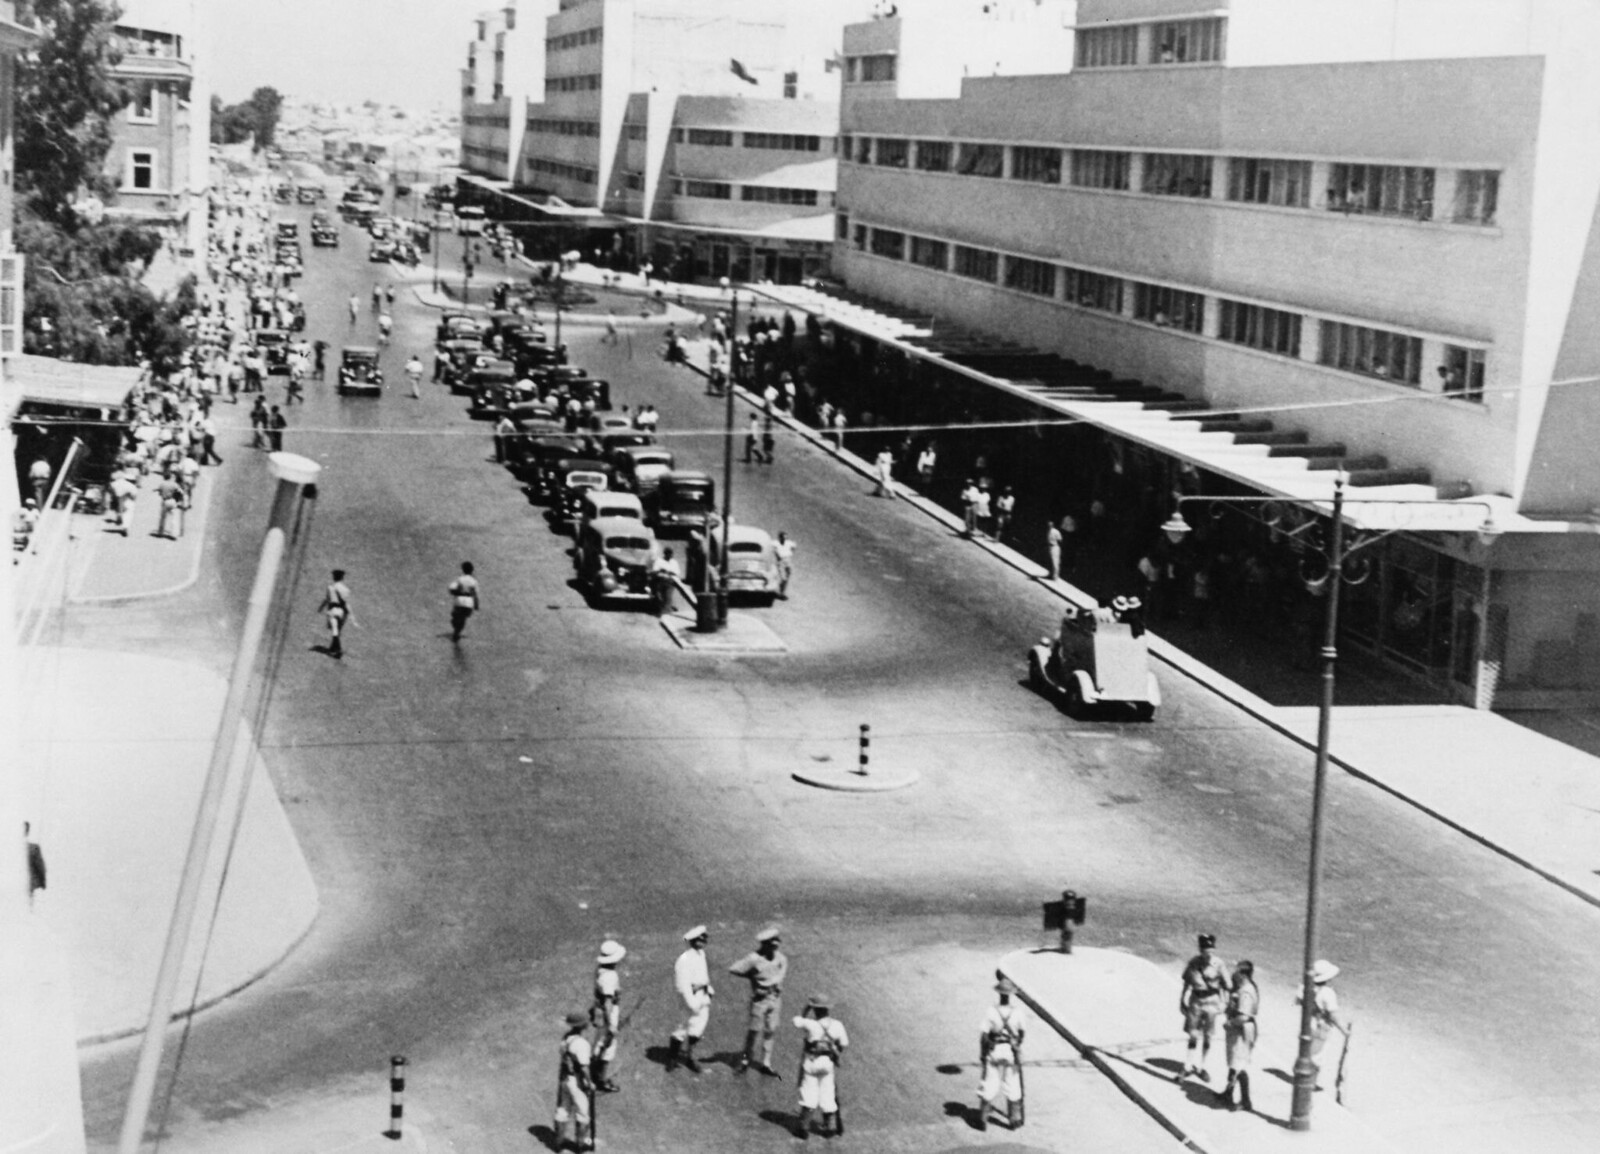 17. 1938. Кингс роуд в Хайфе после террористического акта